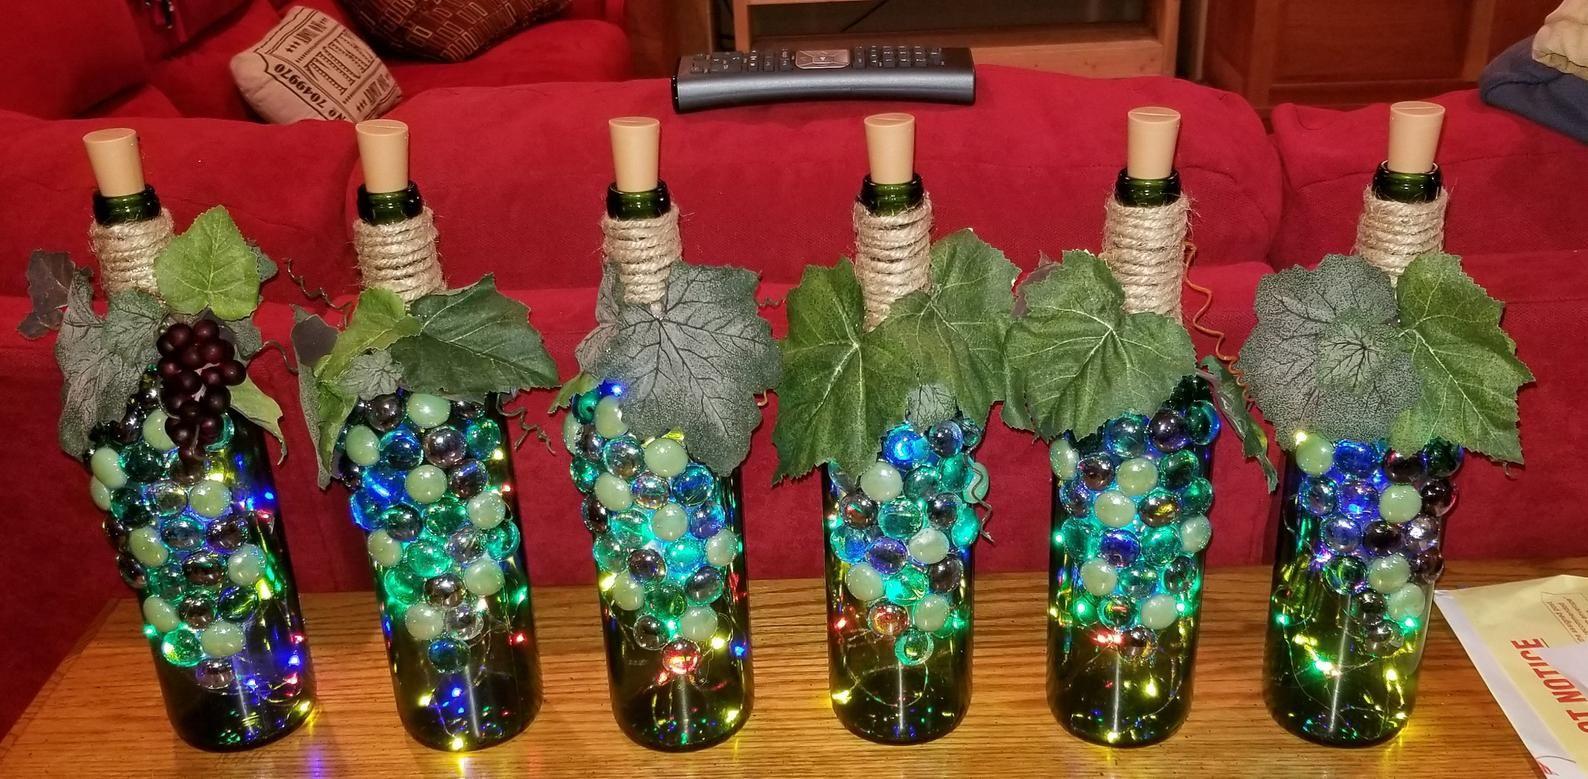 Lighted Wine Bottles Etsy In 2020 Lighted Wine Bottles Wine Bottle Crafts Wine Bottle Decor